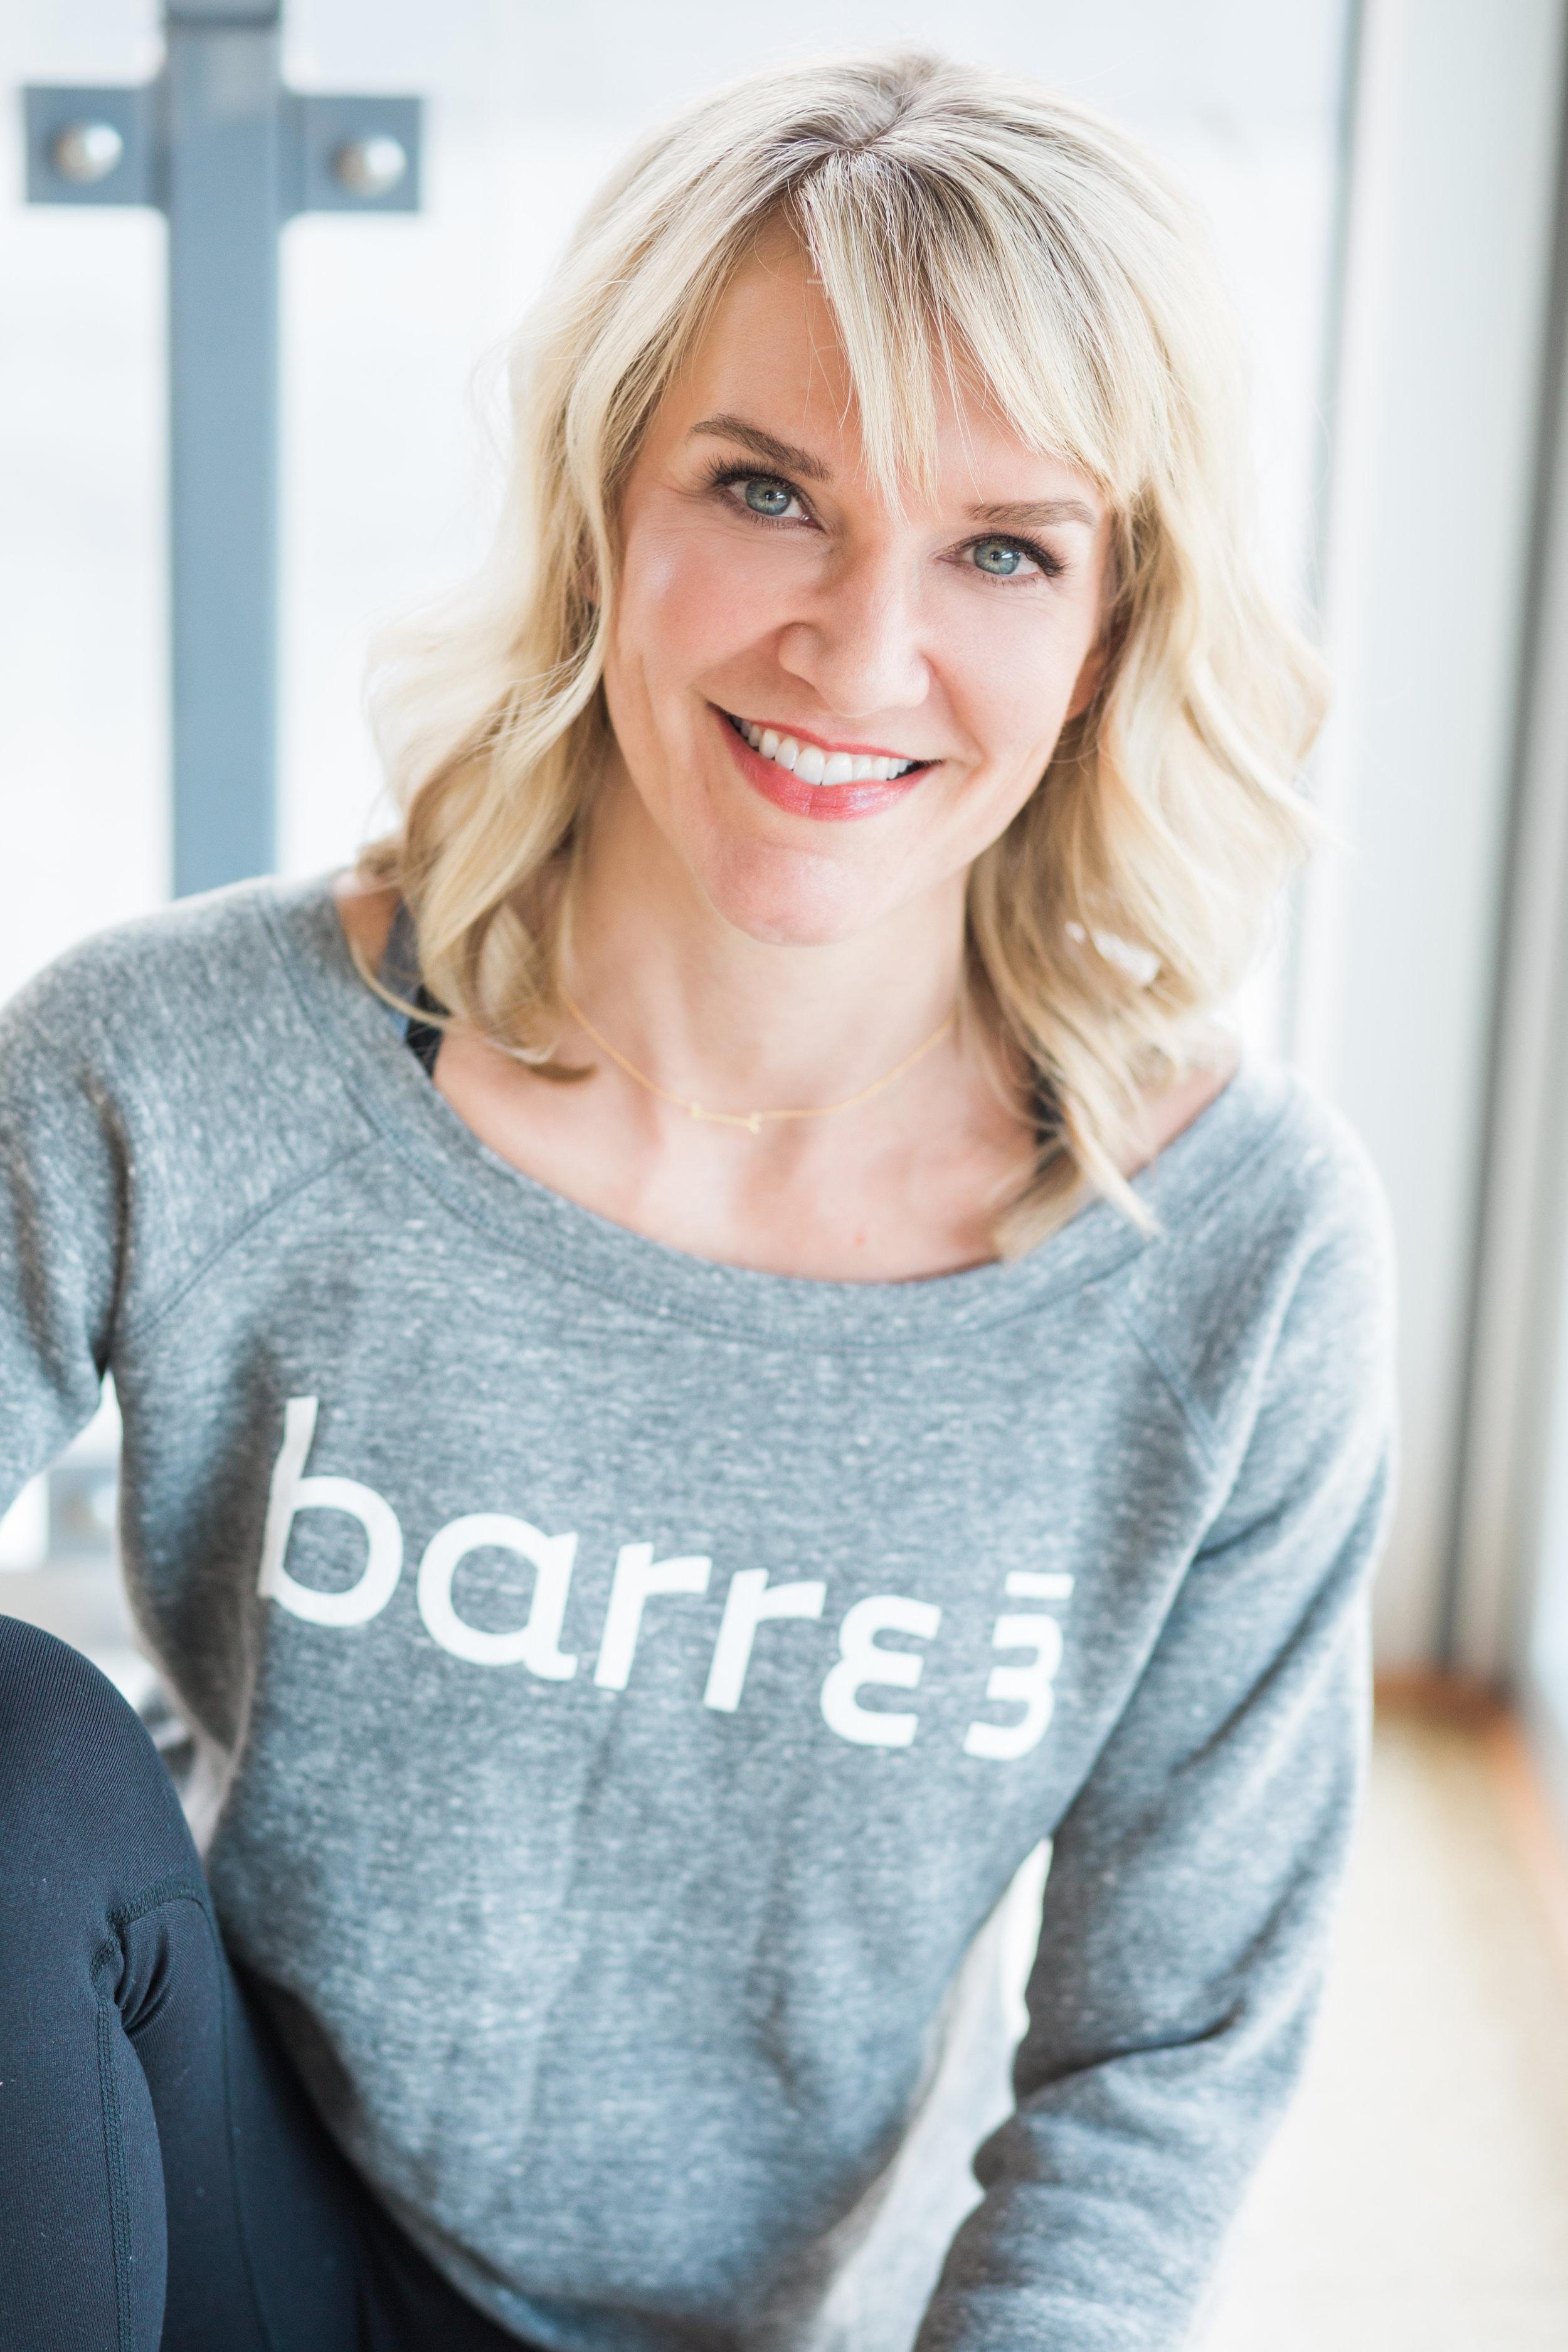 Women in business, Barre3 Boss Lady, Wisdom.